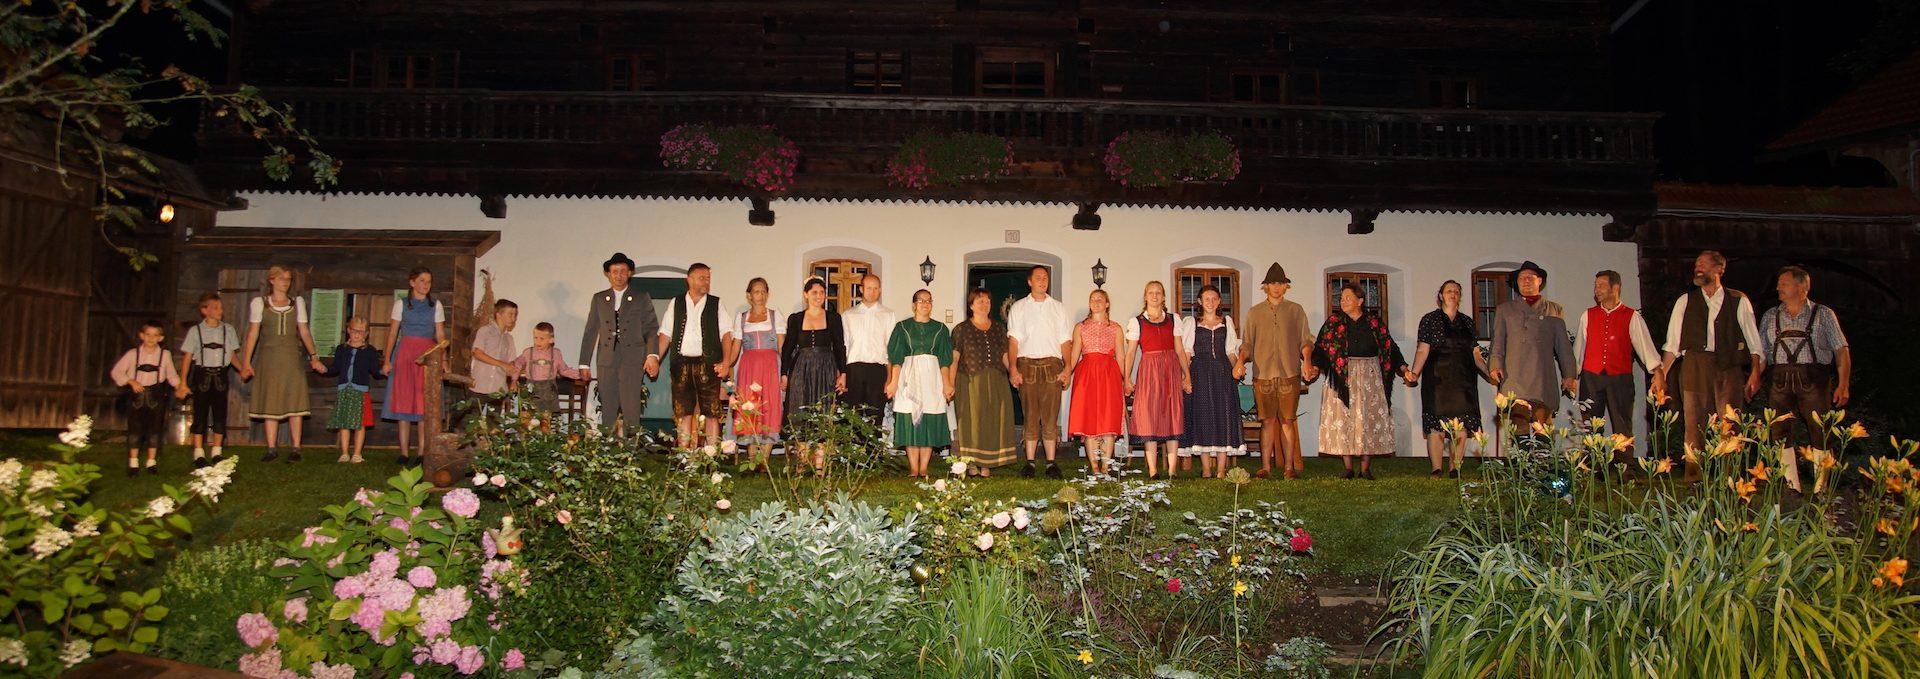 Theaterverein Michaelbeuern